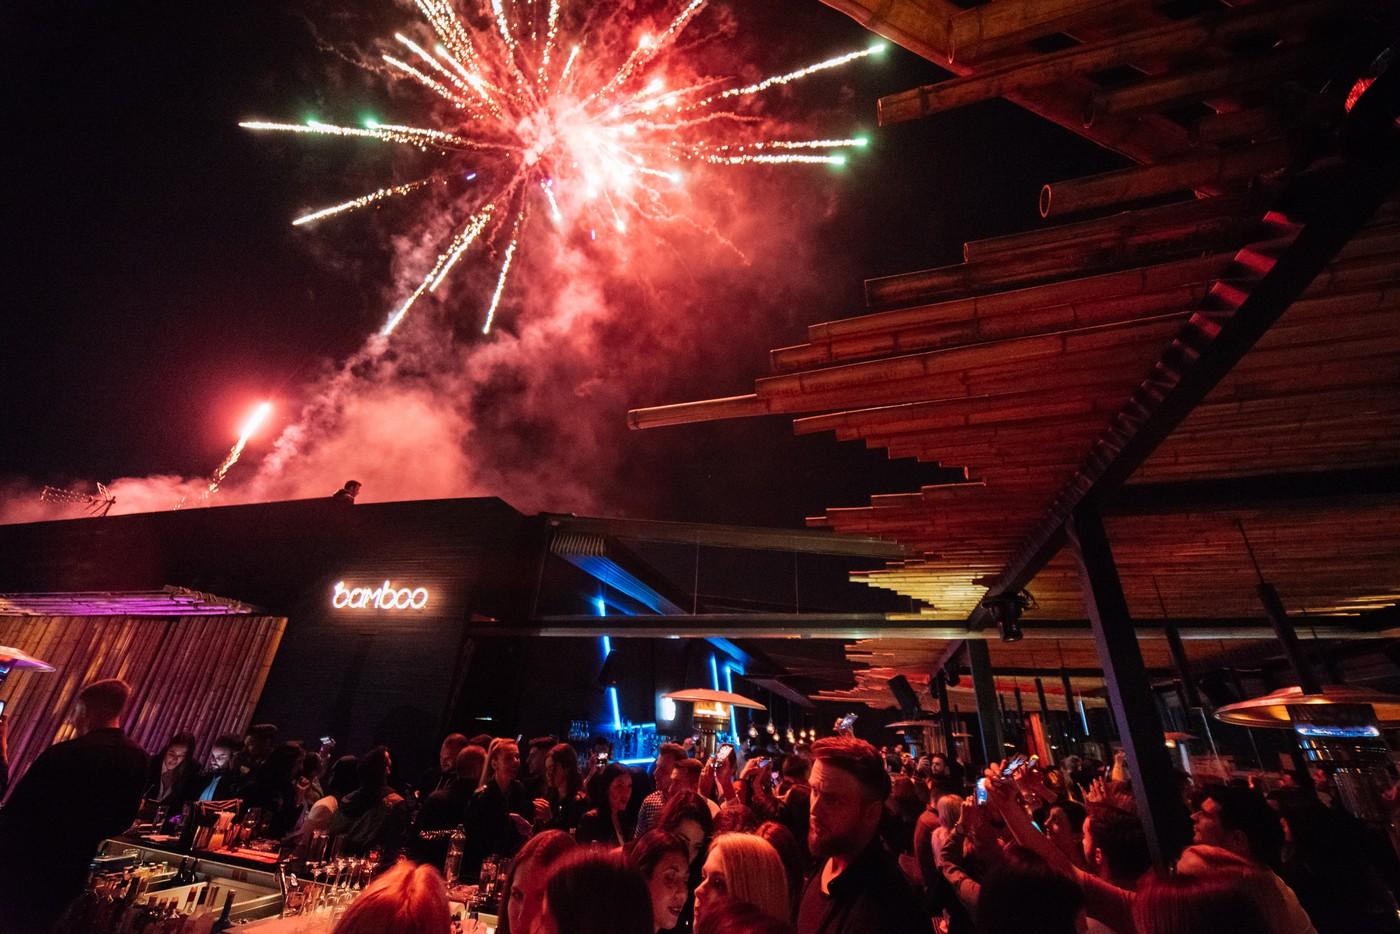 Άνοιξε τις πύλες του στο κέντρο της Λάρισας το νέο cocktail club - Bamboo στην ταράτσα της Κεντρικής πλατείας